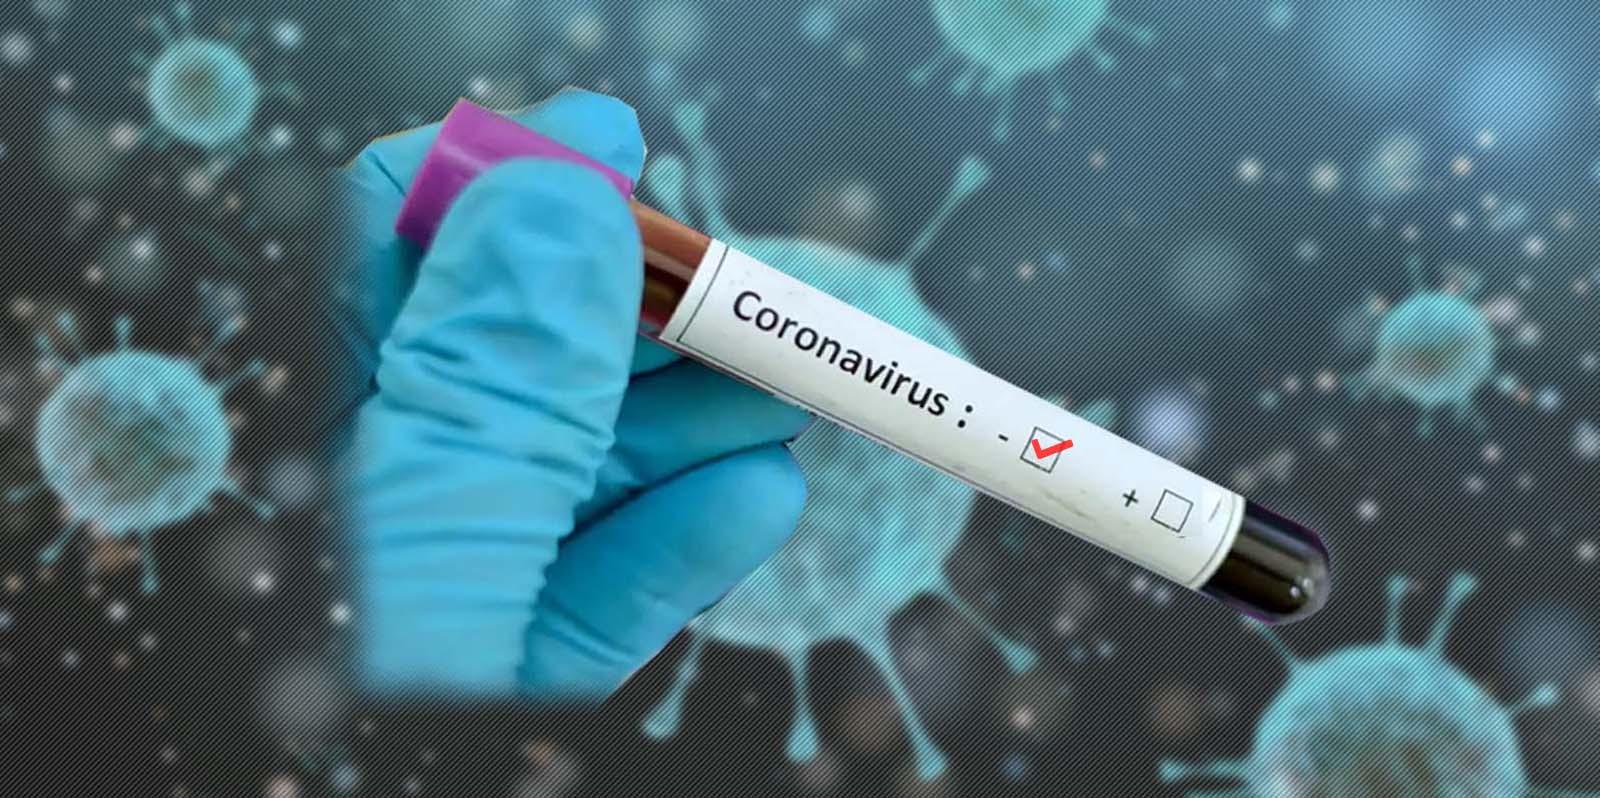 Coronavirus Case in Mandi